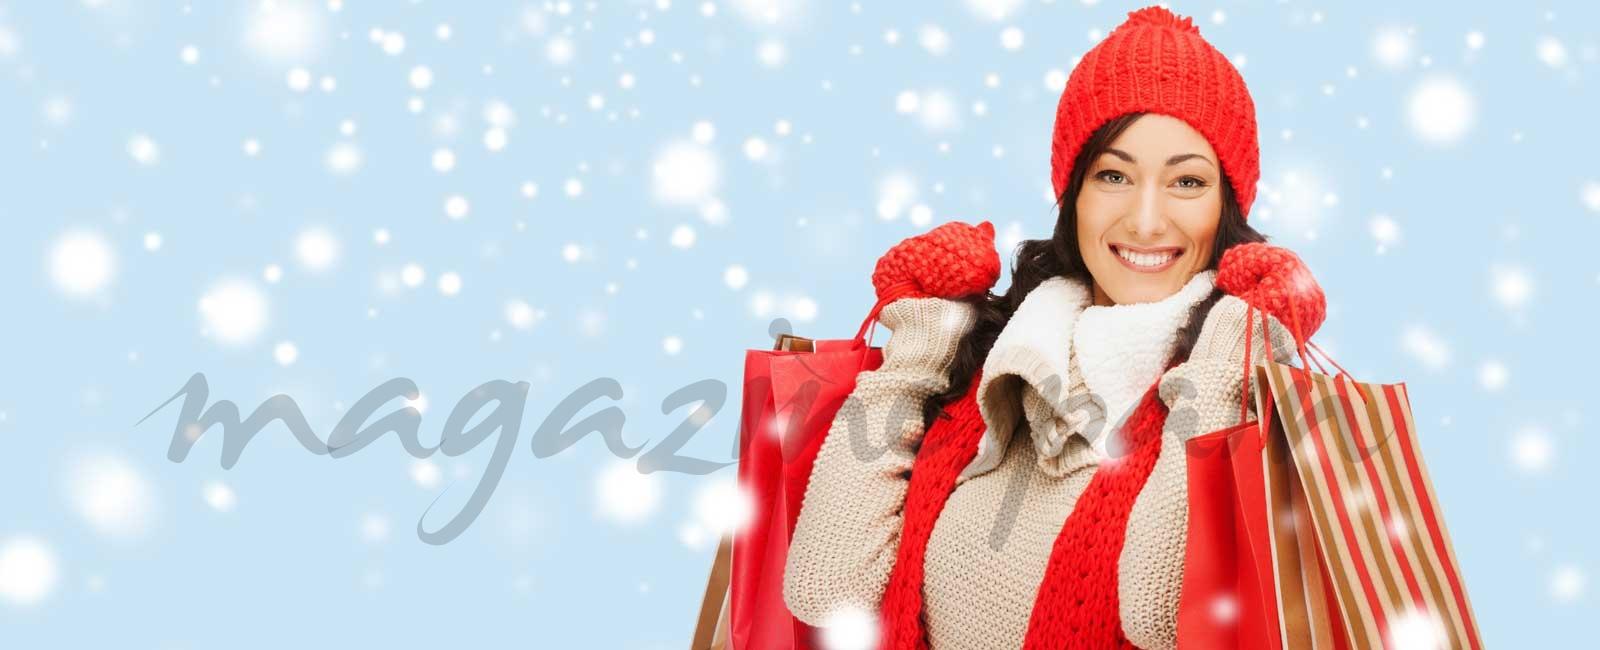 Cómo evitar las compras compulsivas en Navidad